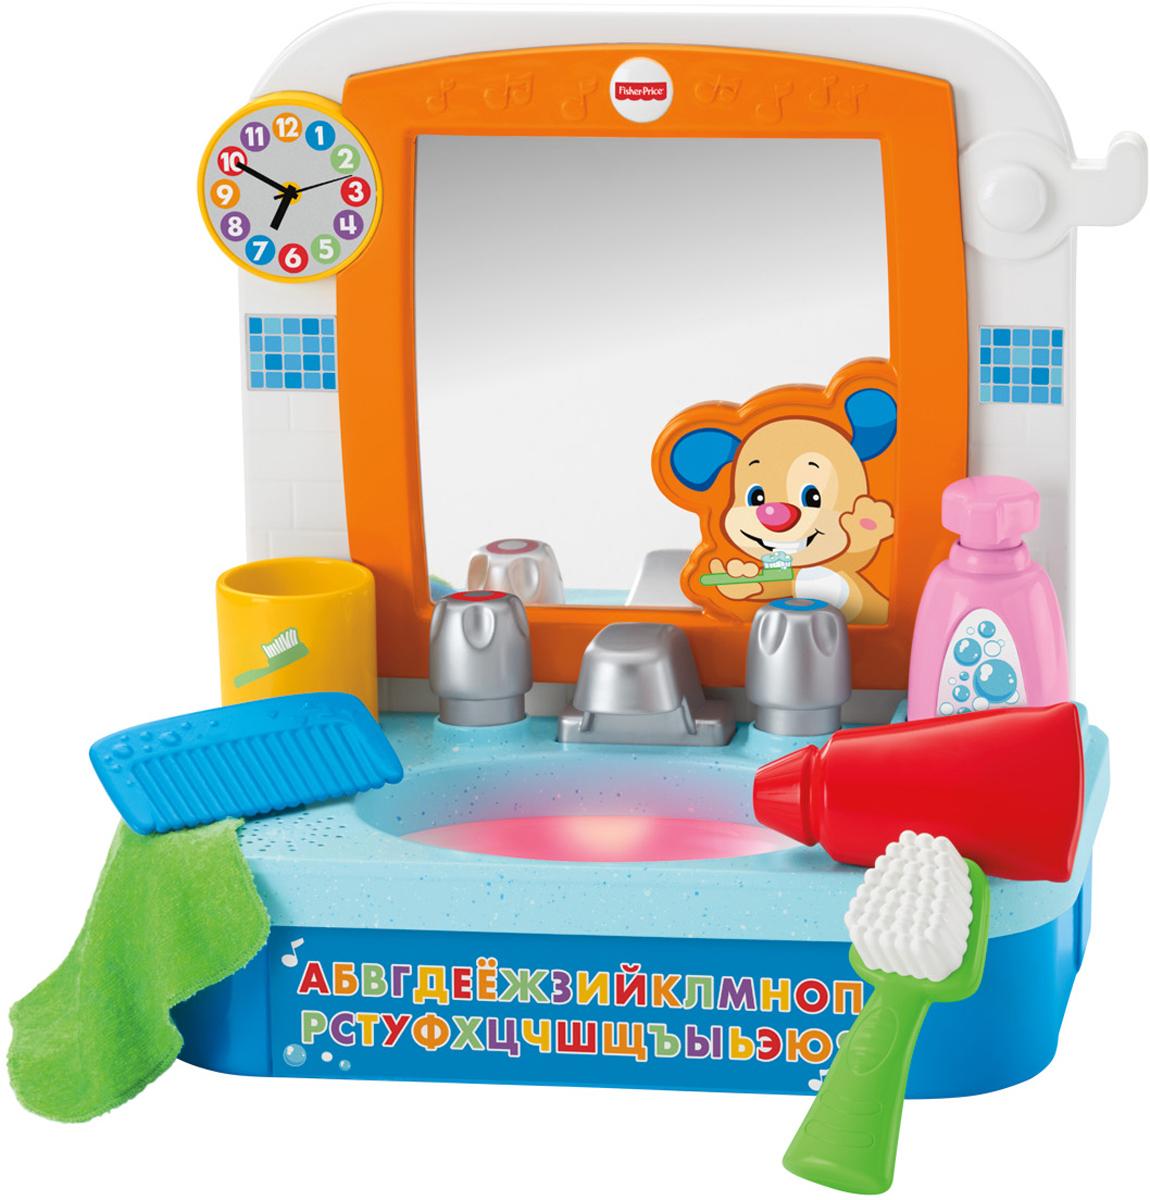 Fisher-Price Развивающая игрушка Умывальник Ученого Щенка музыкальный мобиль fisher price мечты о бабочках cdn41